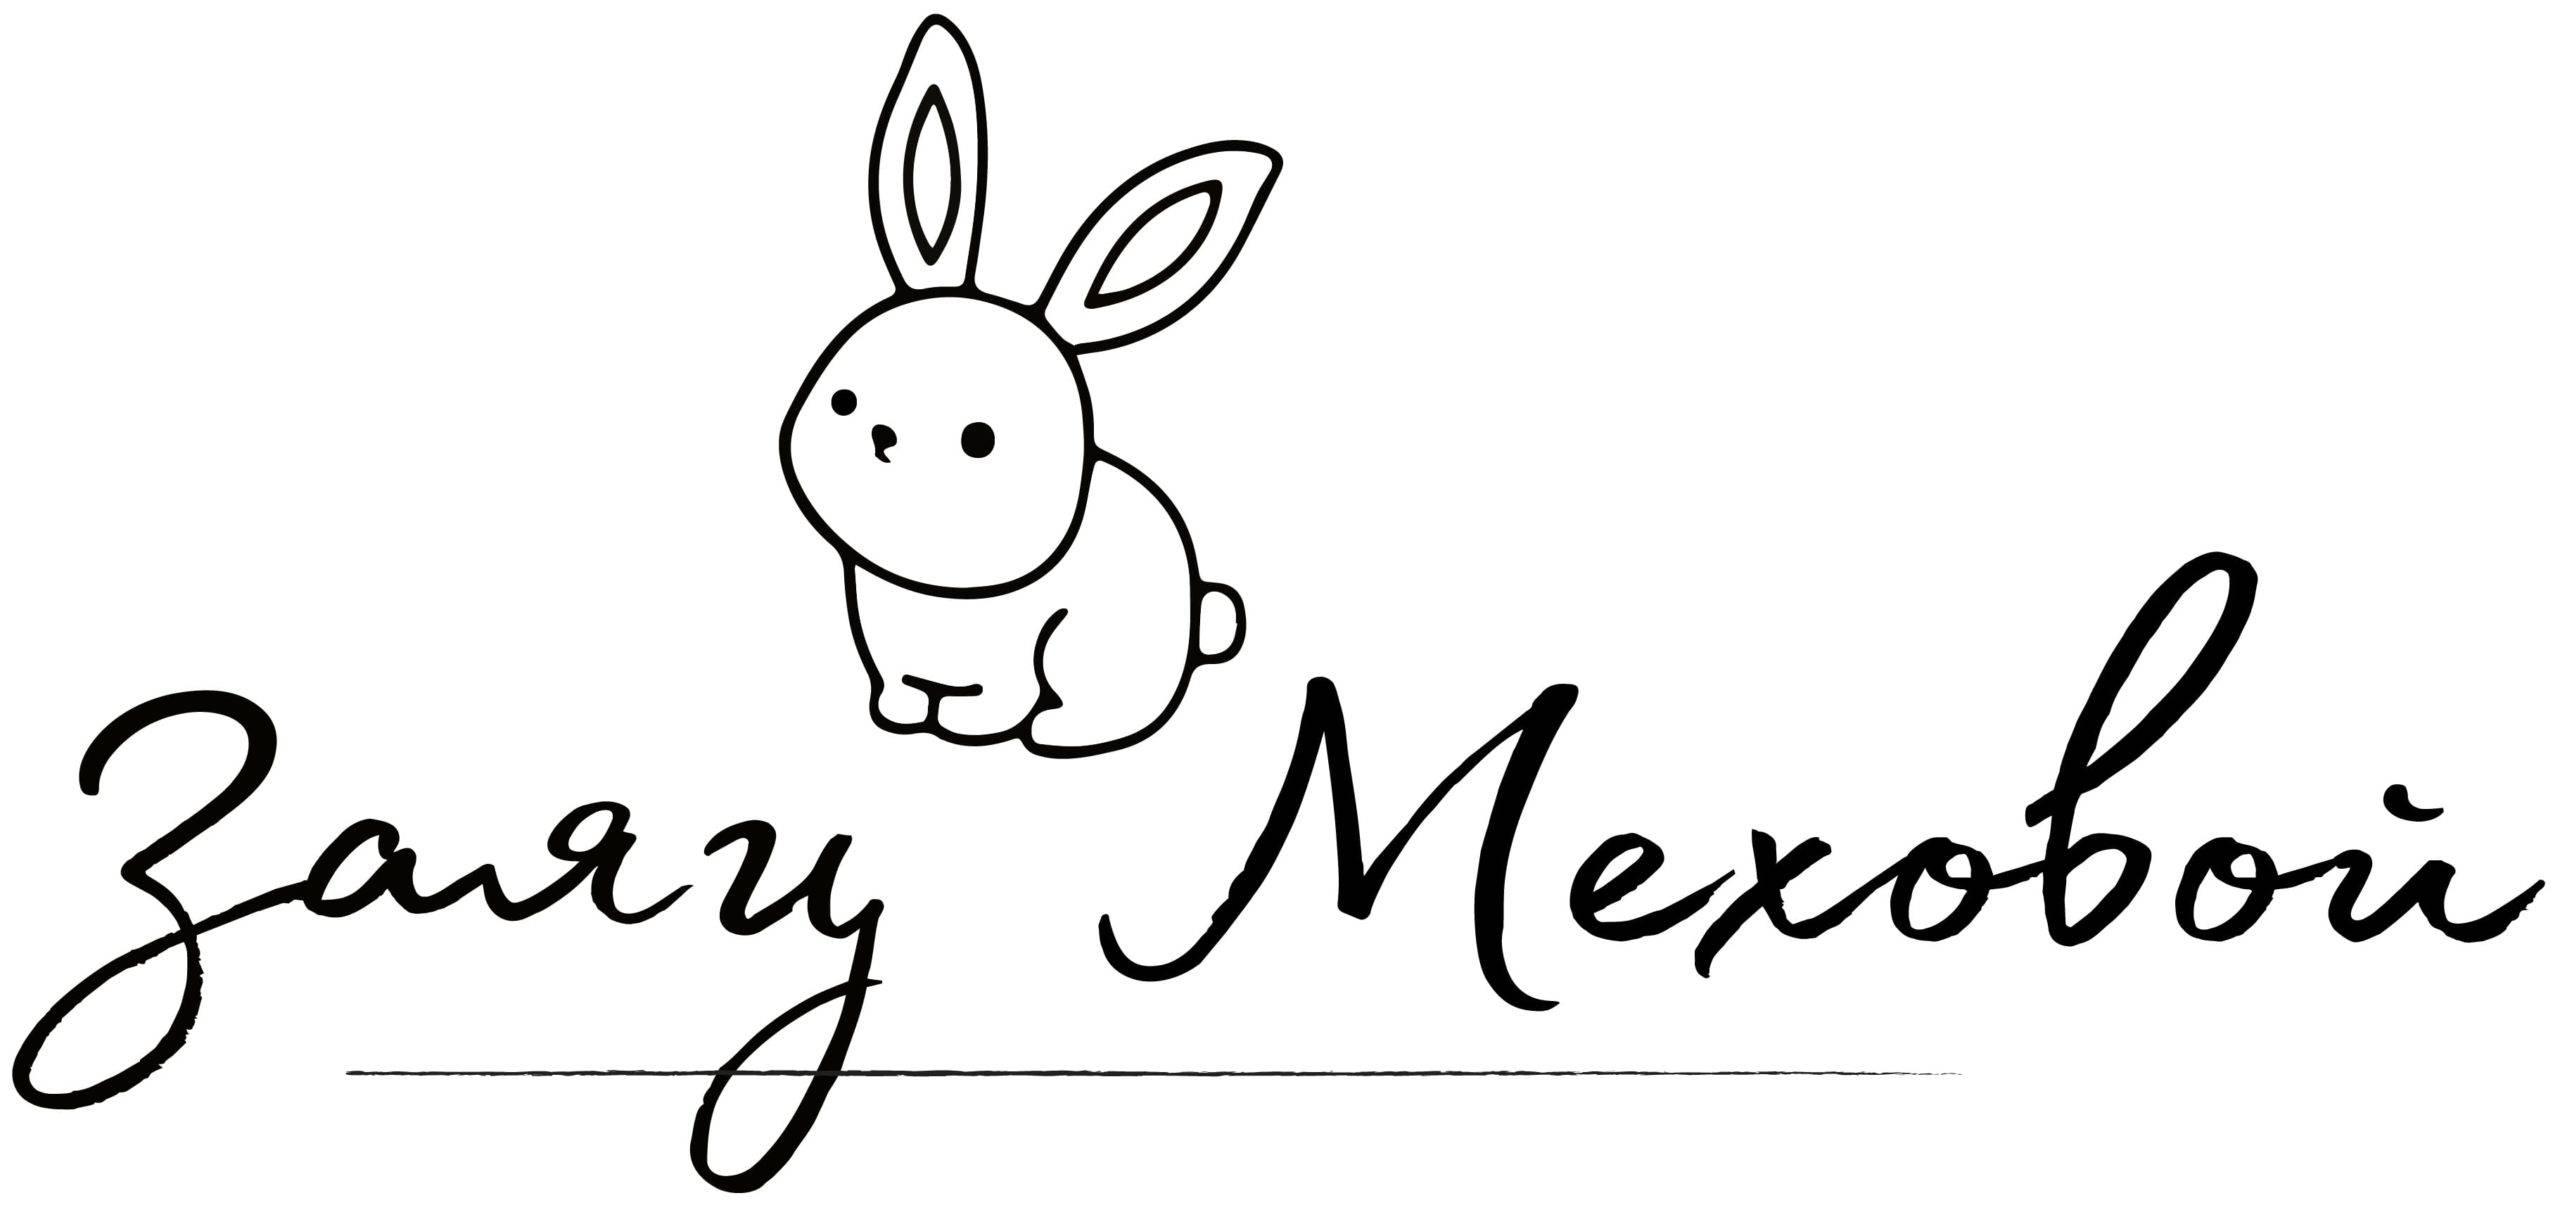 Заяц Меховой – одежда и текстиль для новорожденных детей